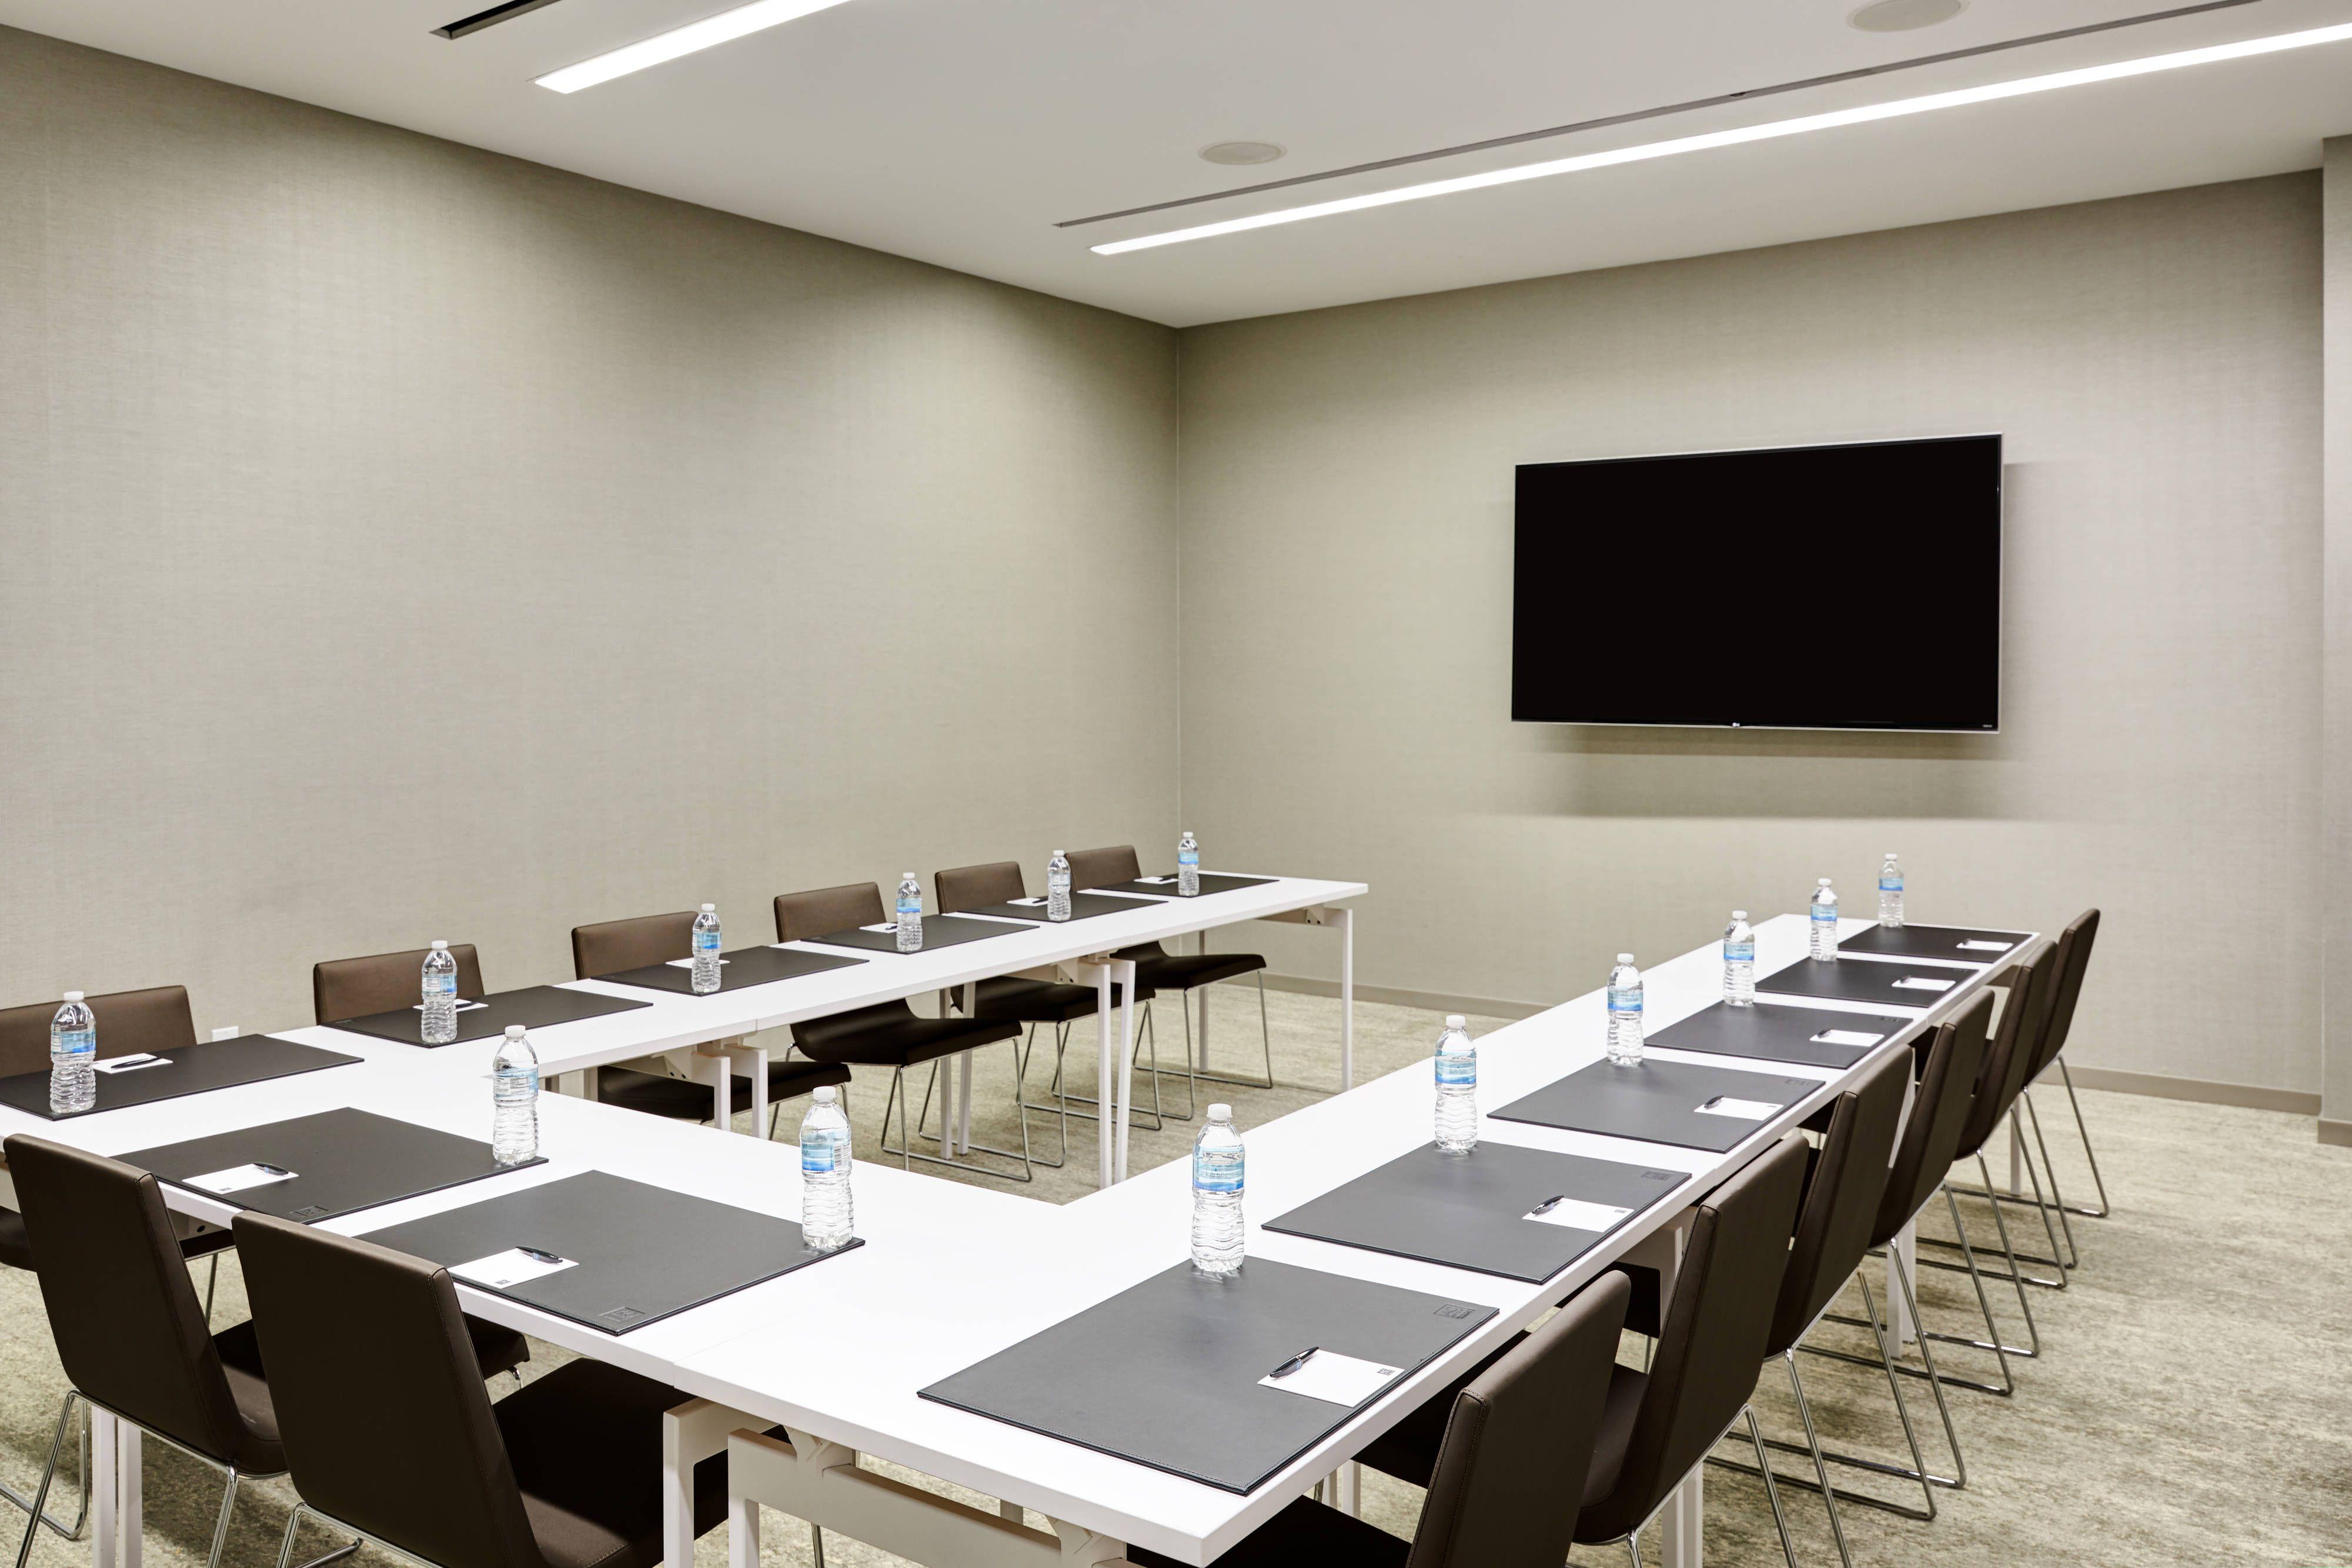 Ac Hotel Irvine Meeting Room U Shape Setup Comfort Hotel